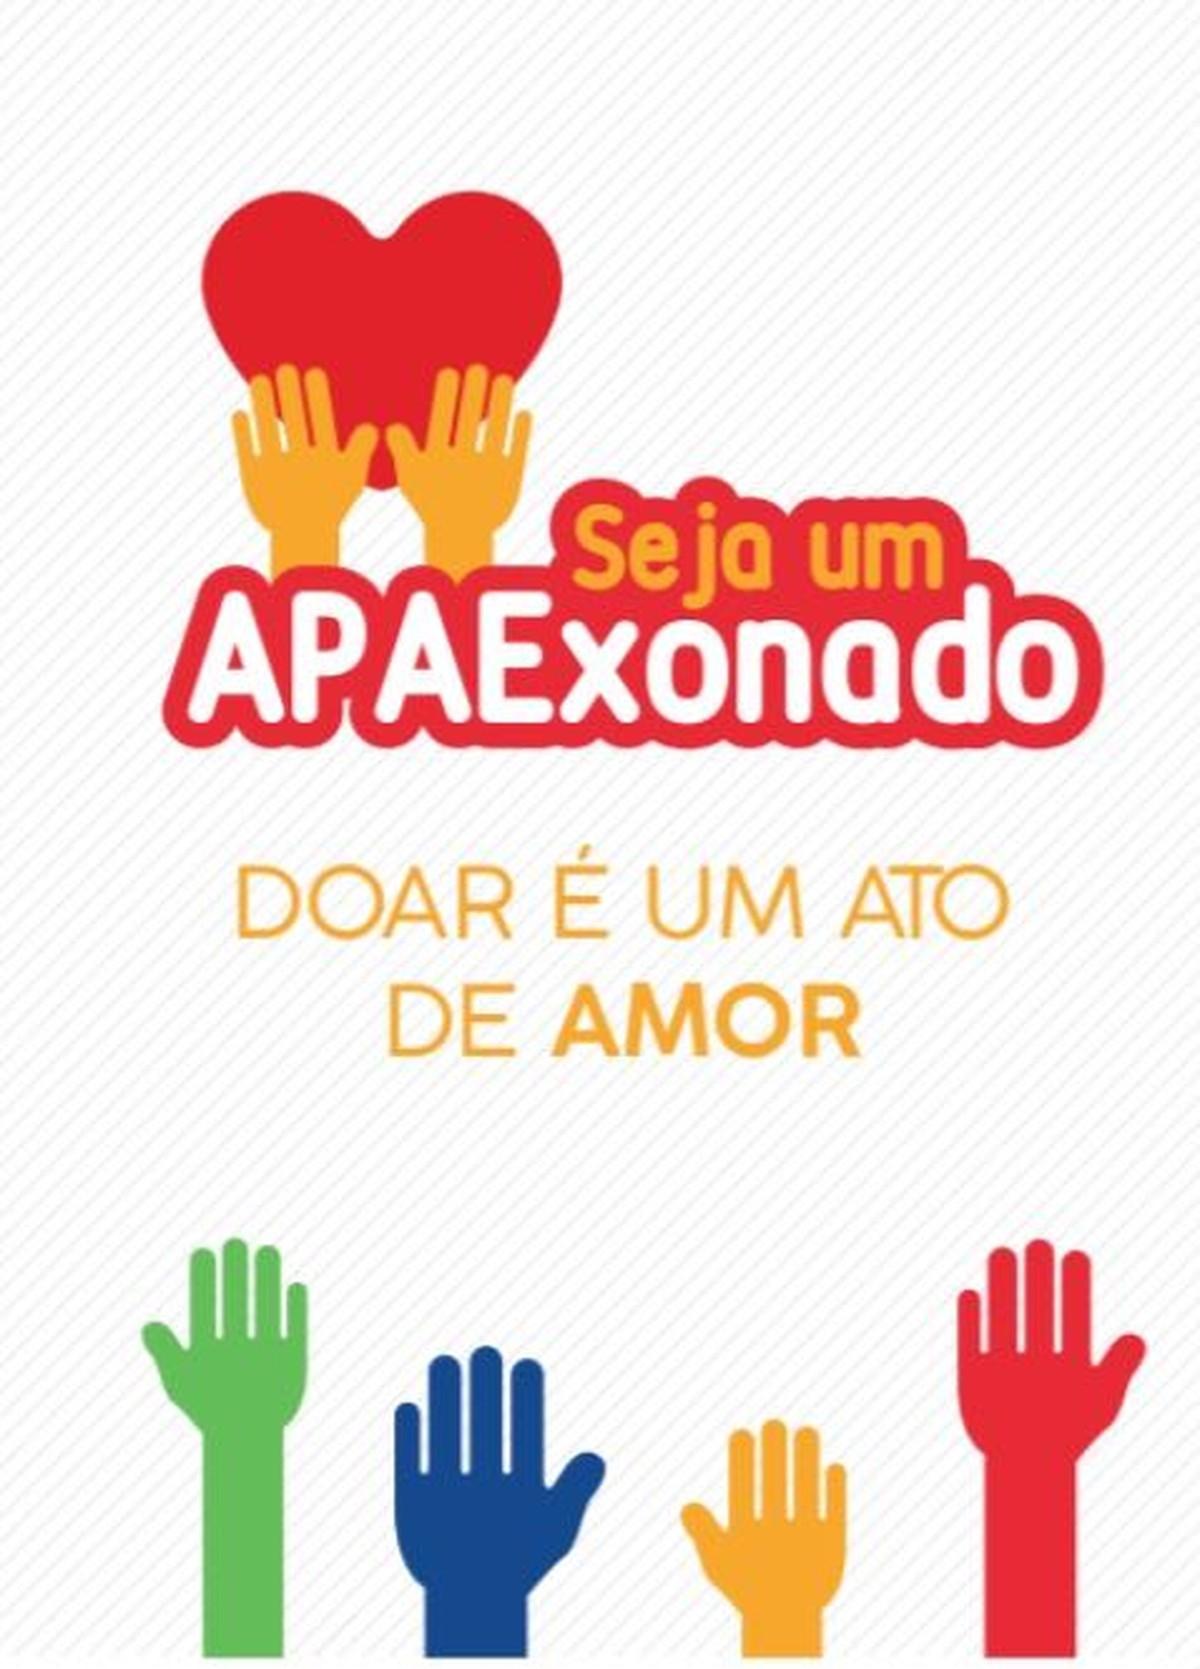 APAE lança campanha solidária 'Seja Um APAExonado - Doar é Um Ato de Amor'